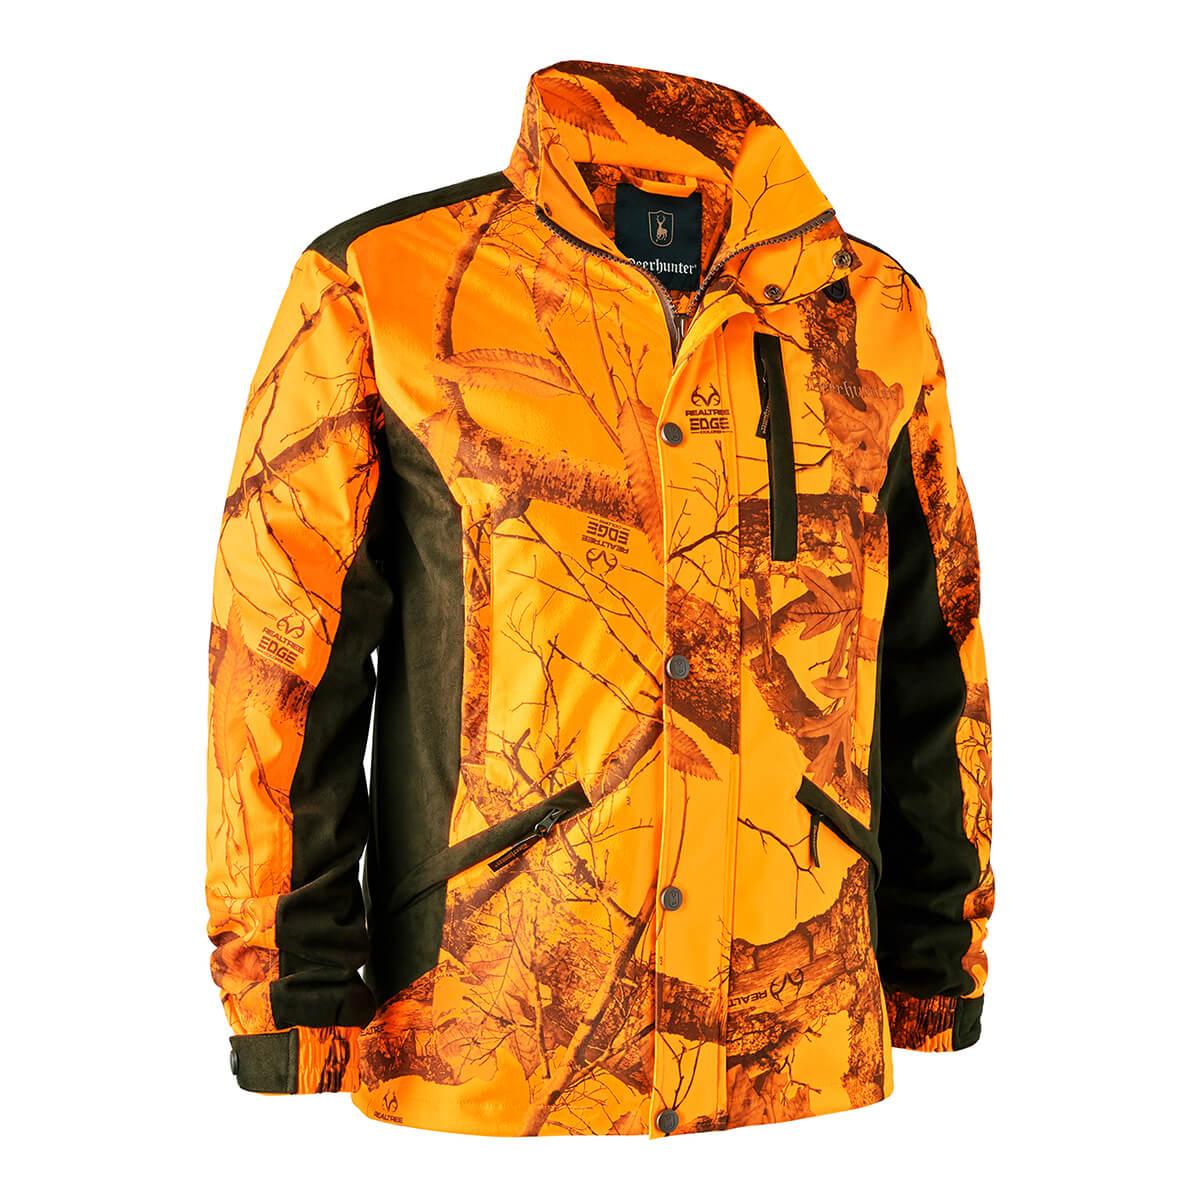 Deerhunter Jagdjacke Explore (Realtree Edge Orange)